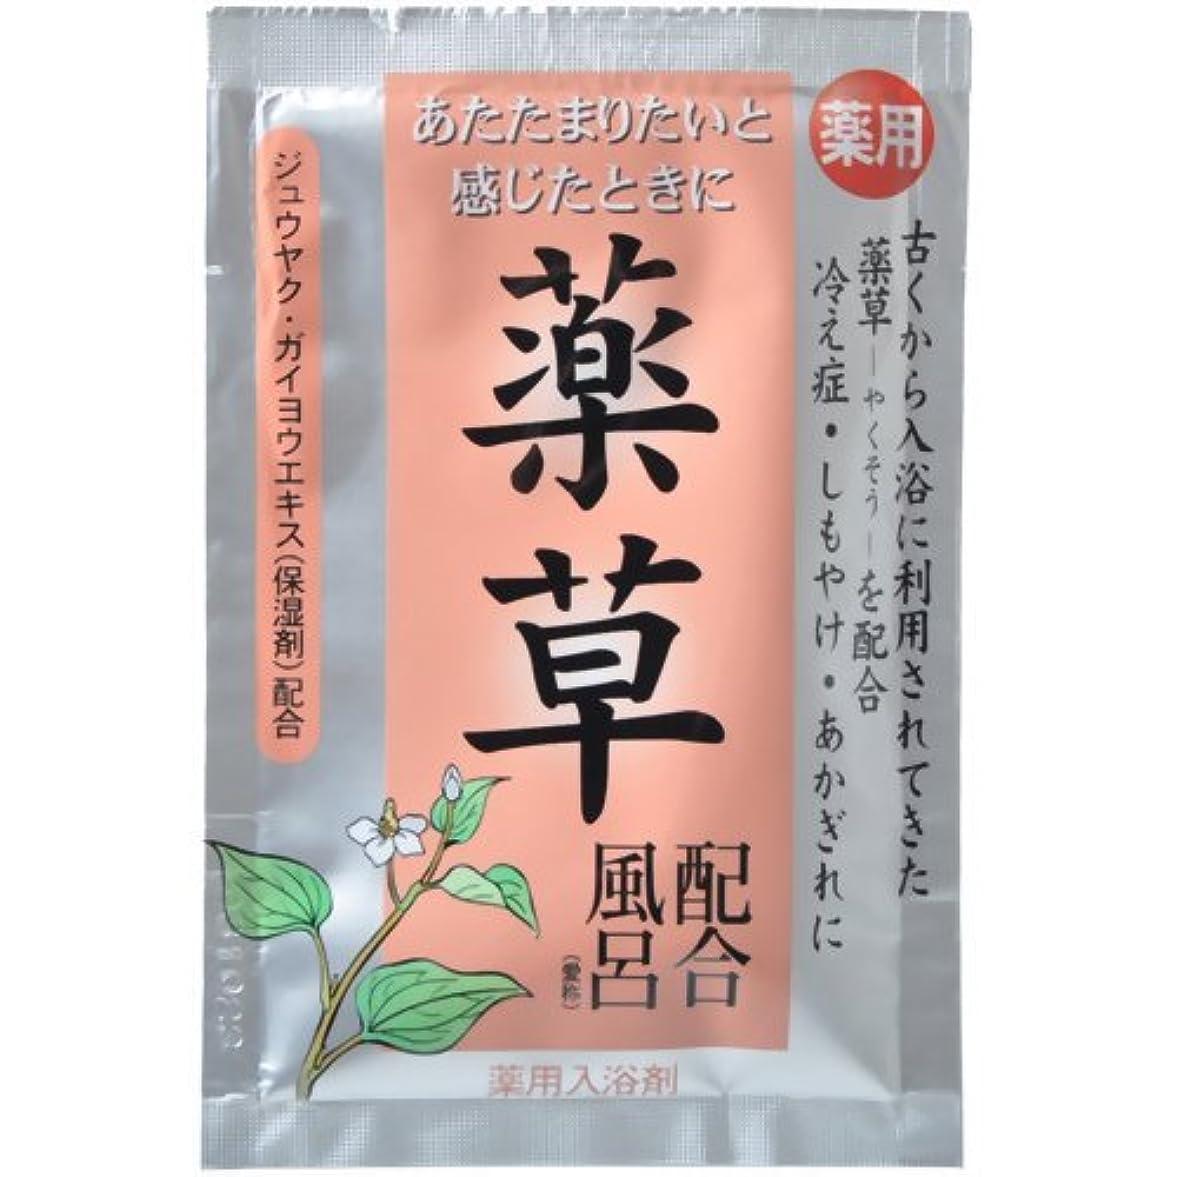 エクステントマークされたブランチ古風植物風呂 薬草配合風呂 25g(入浴剤)